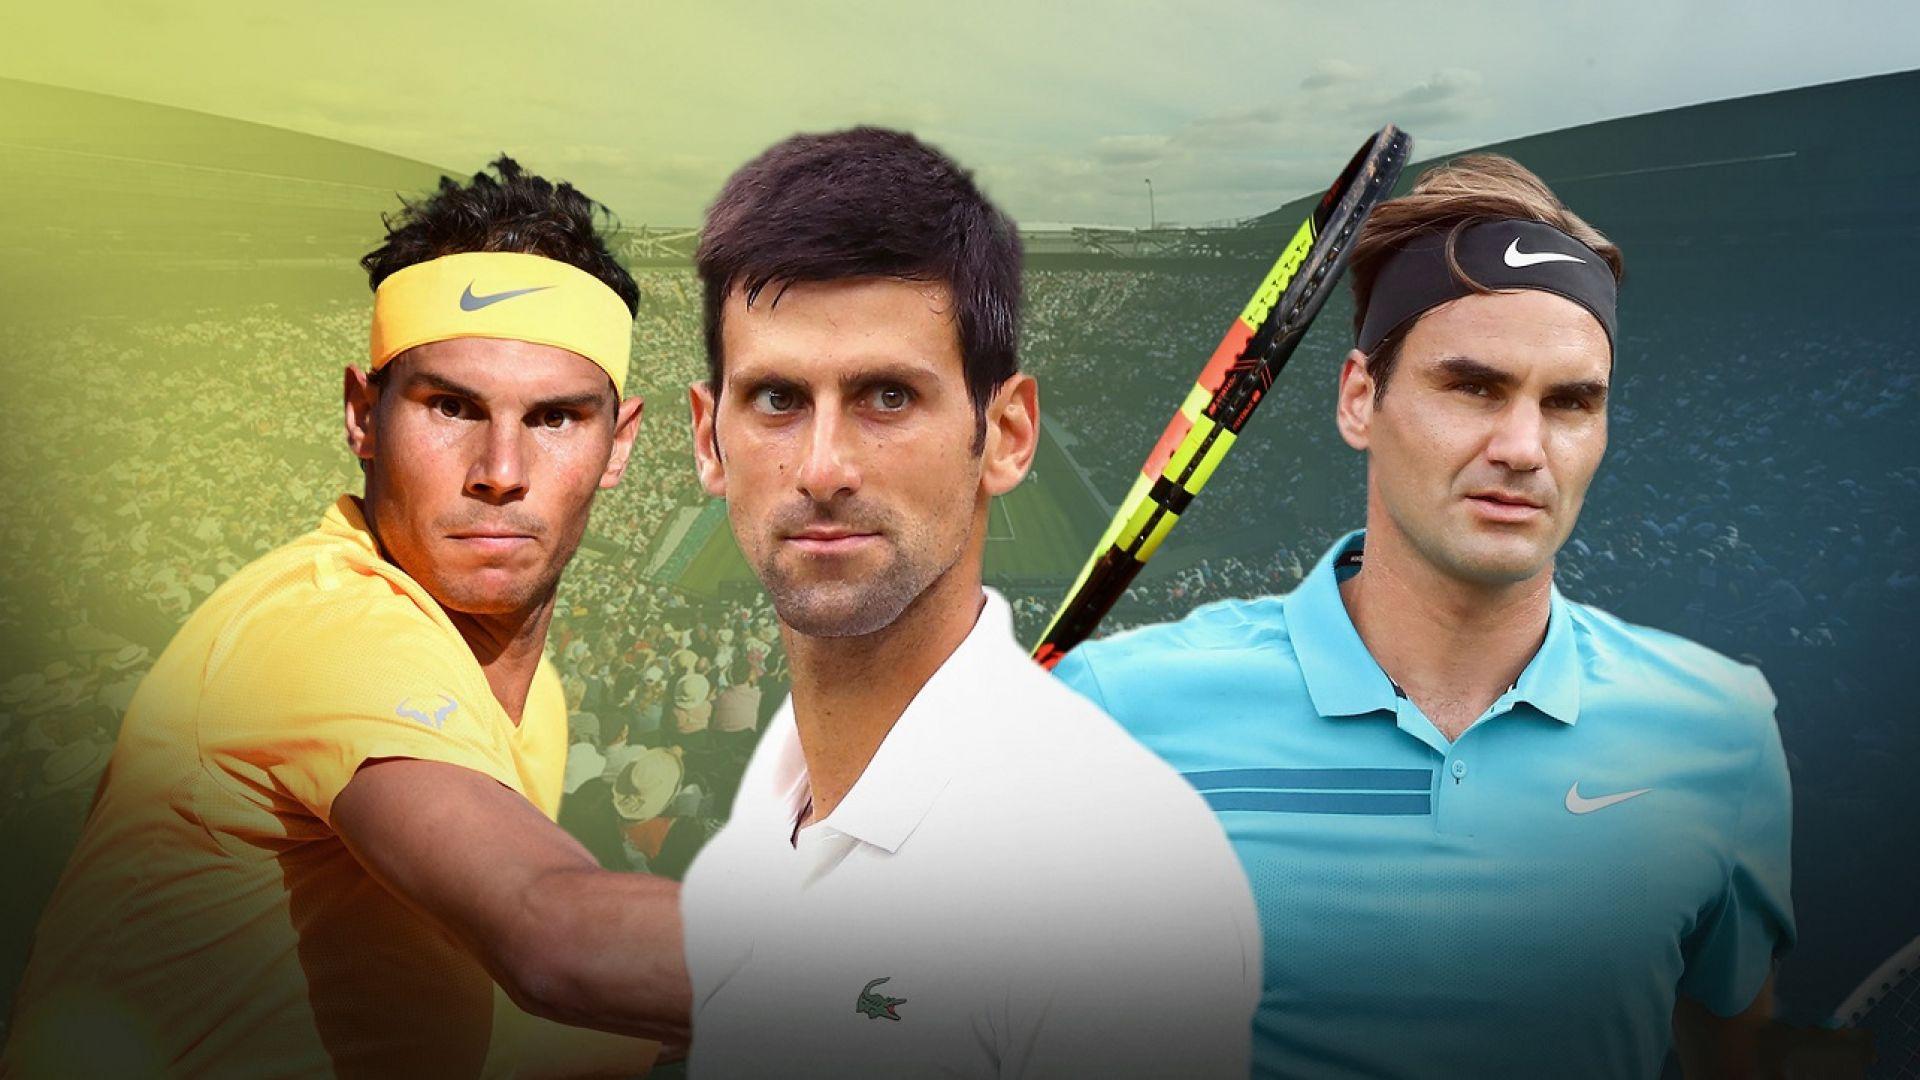 Битката на Триумвирата в тениса не е приключила. Кой какво ще преследва през тази година?